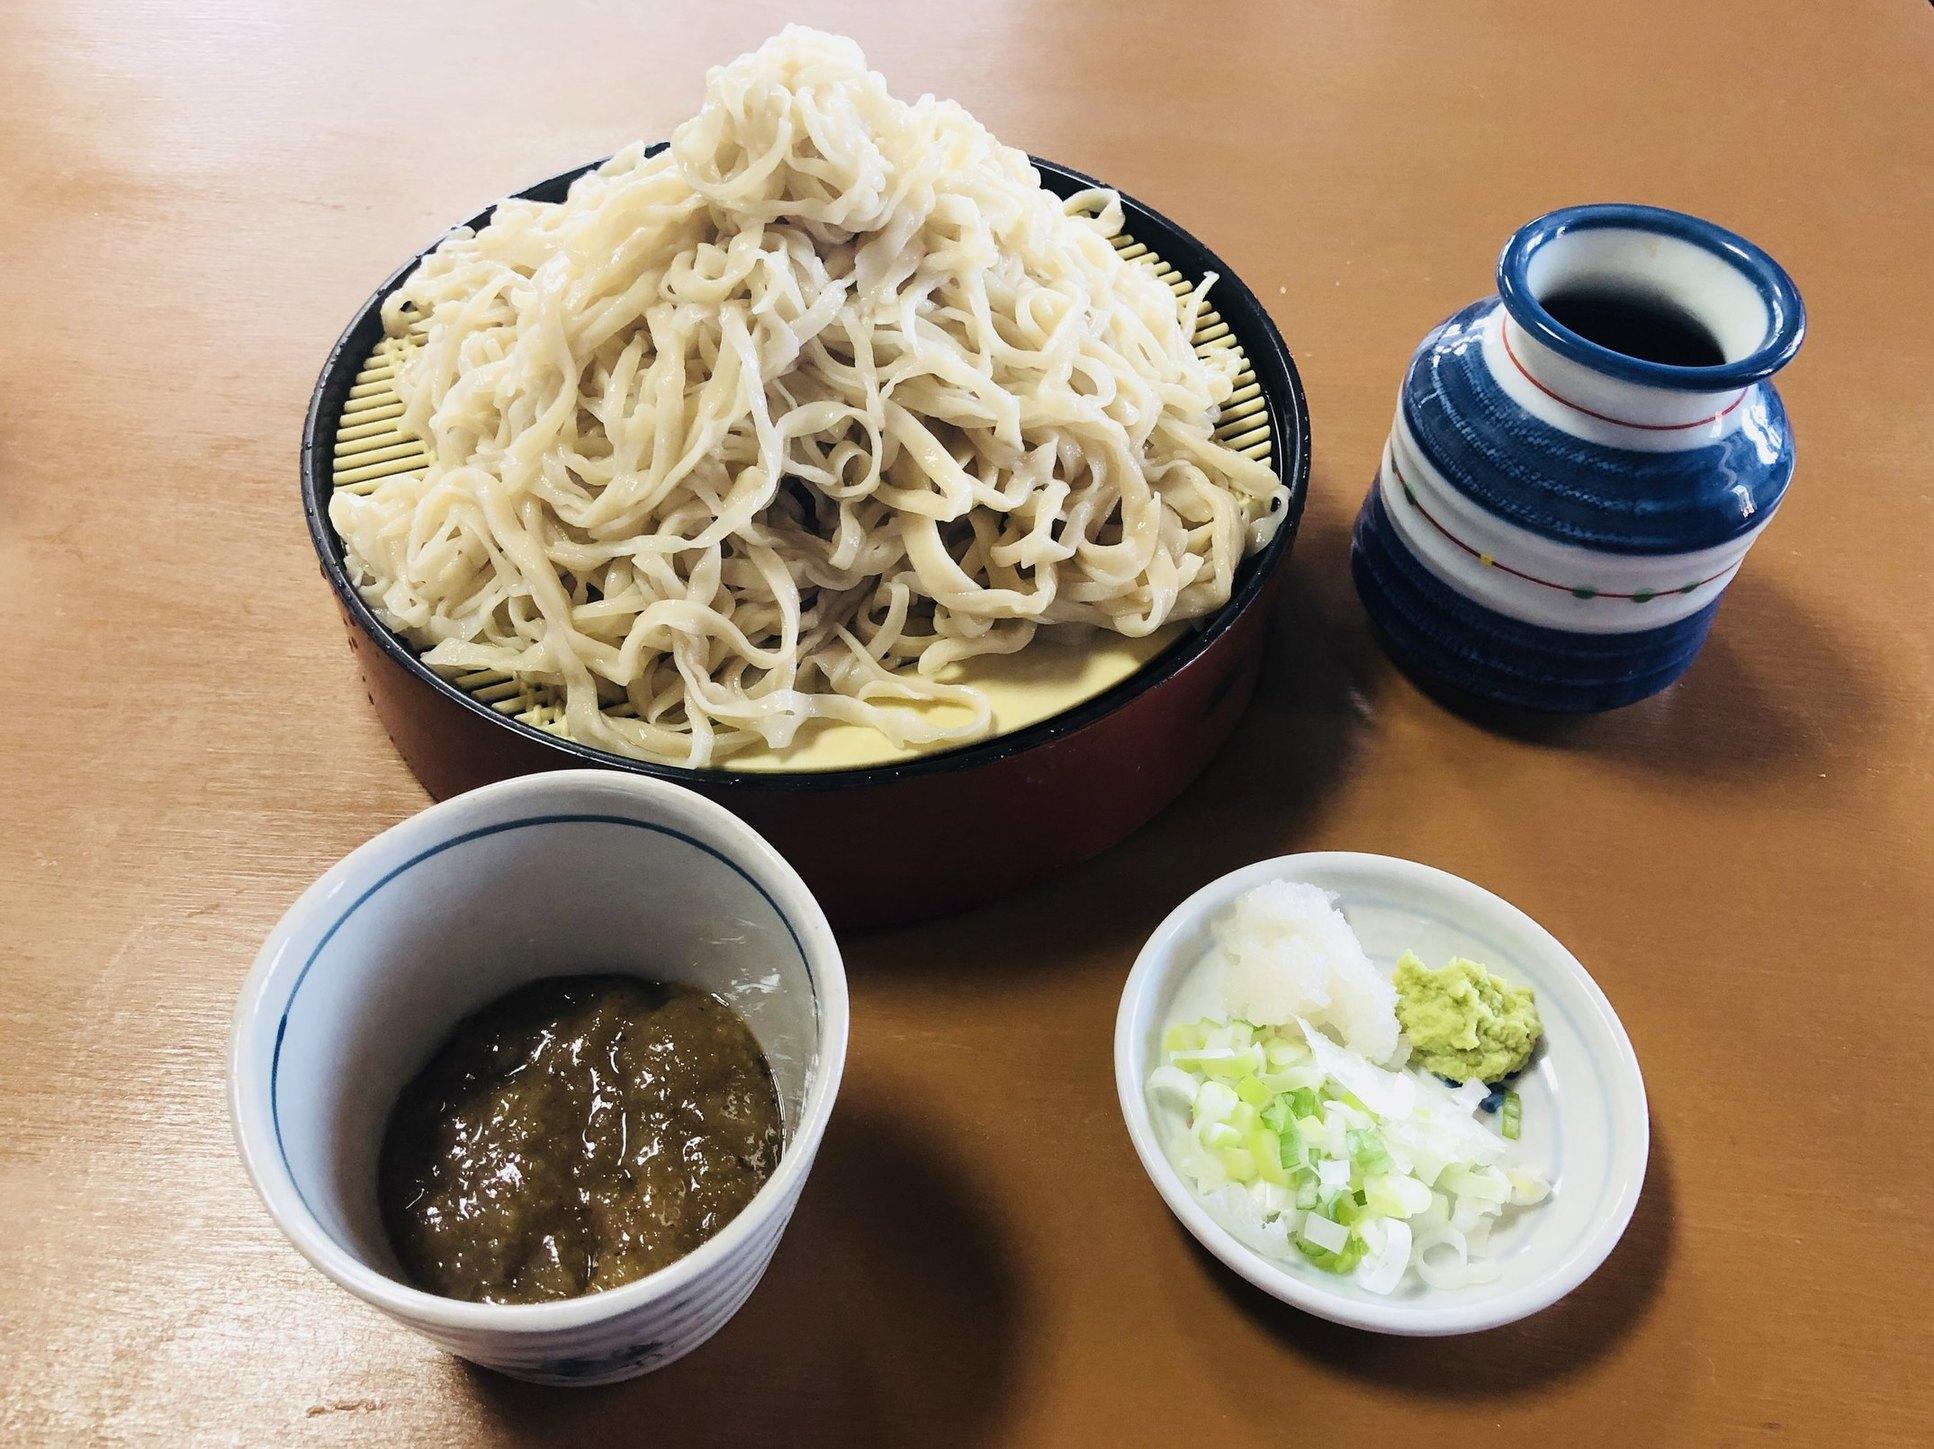 車屋 秋和店 name=